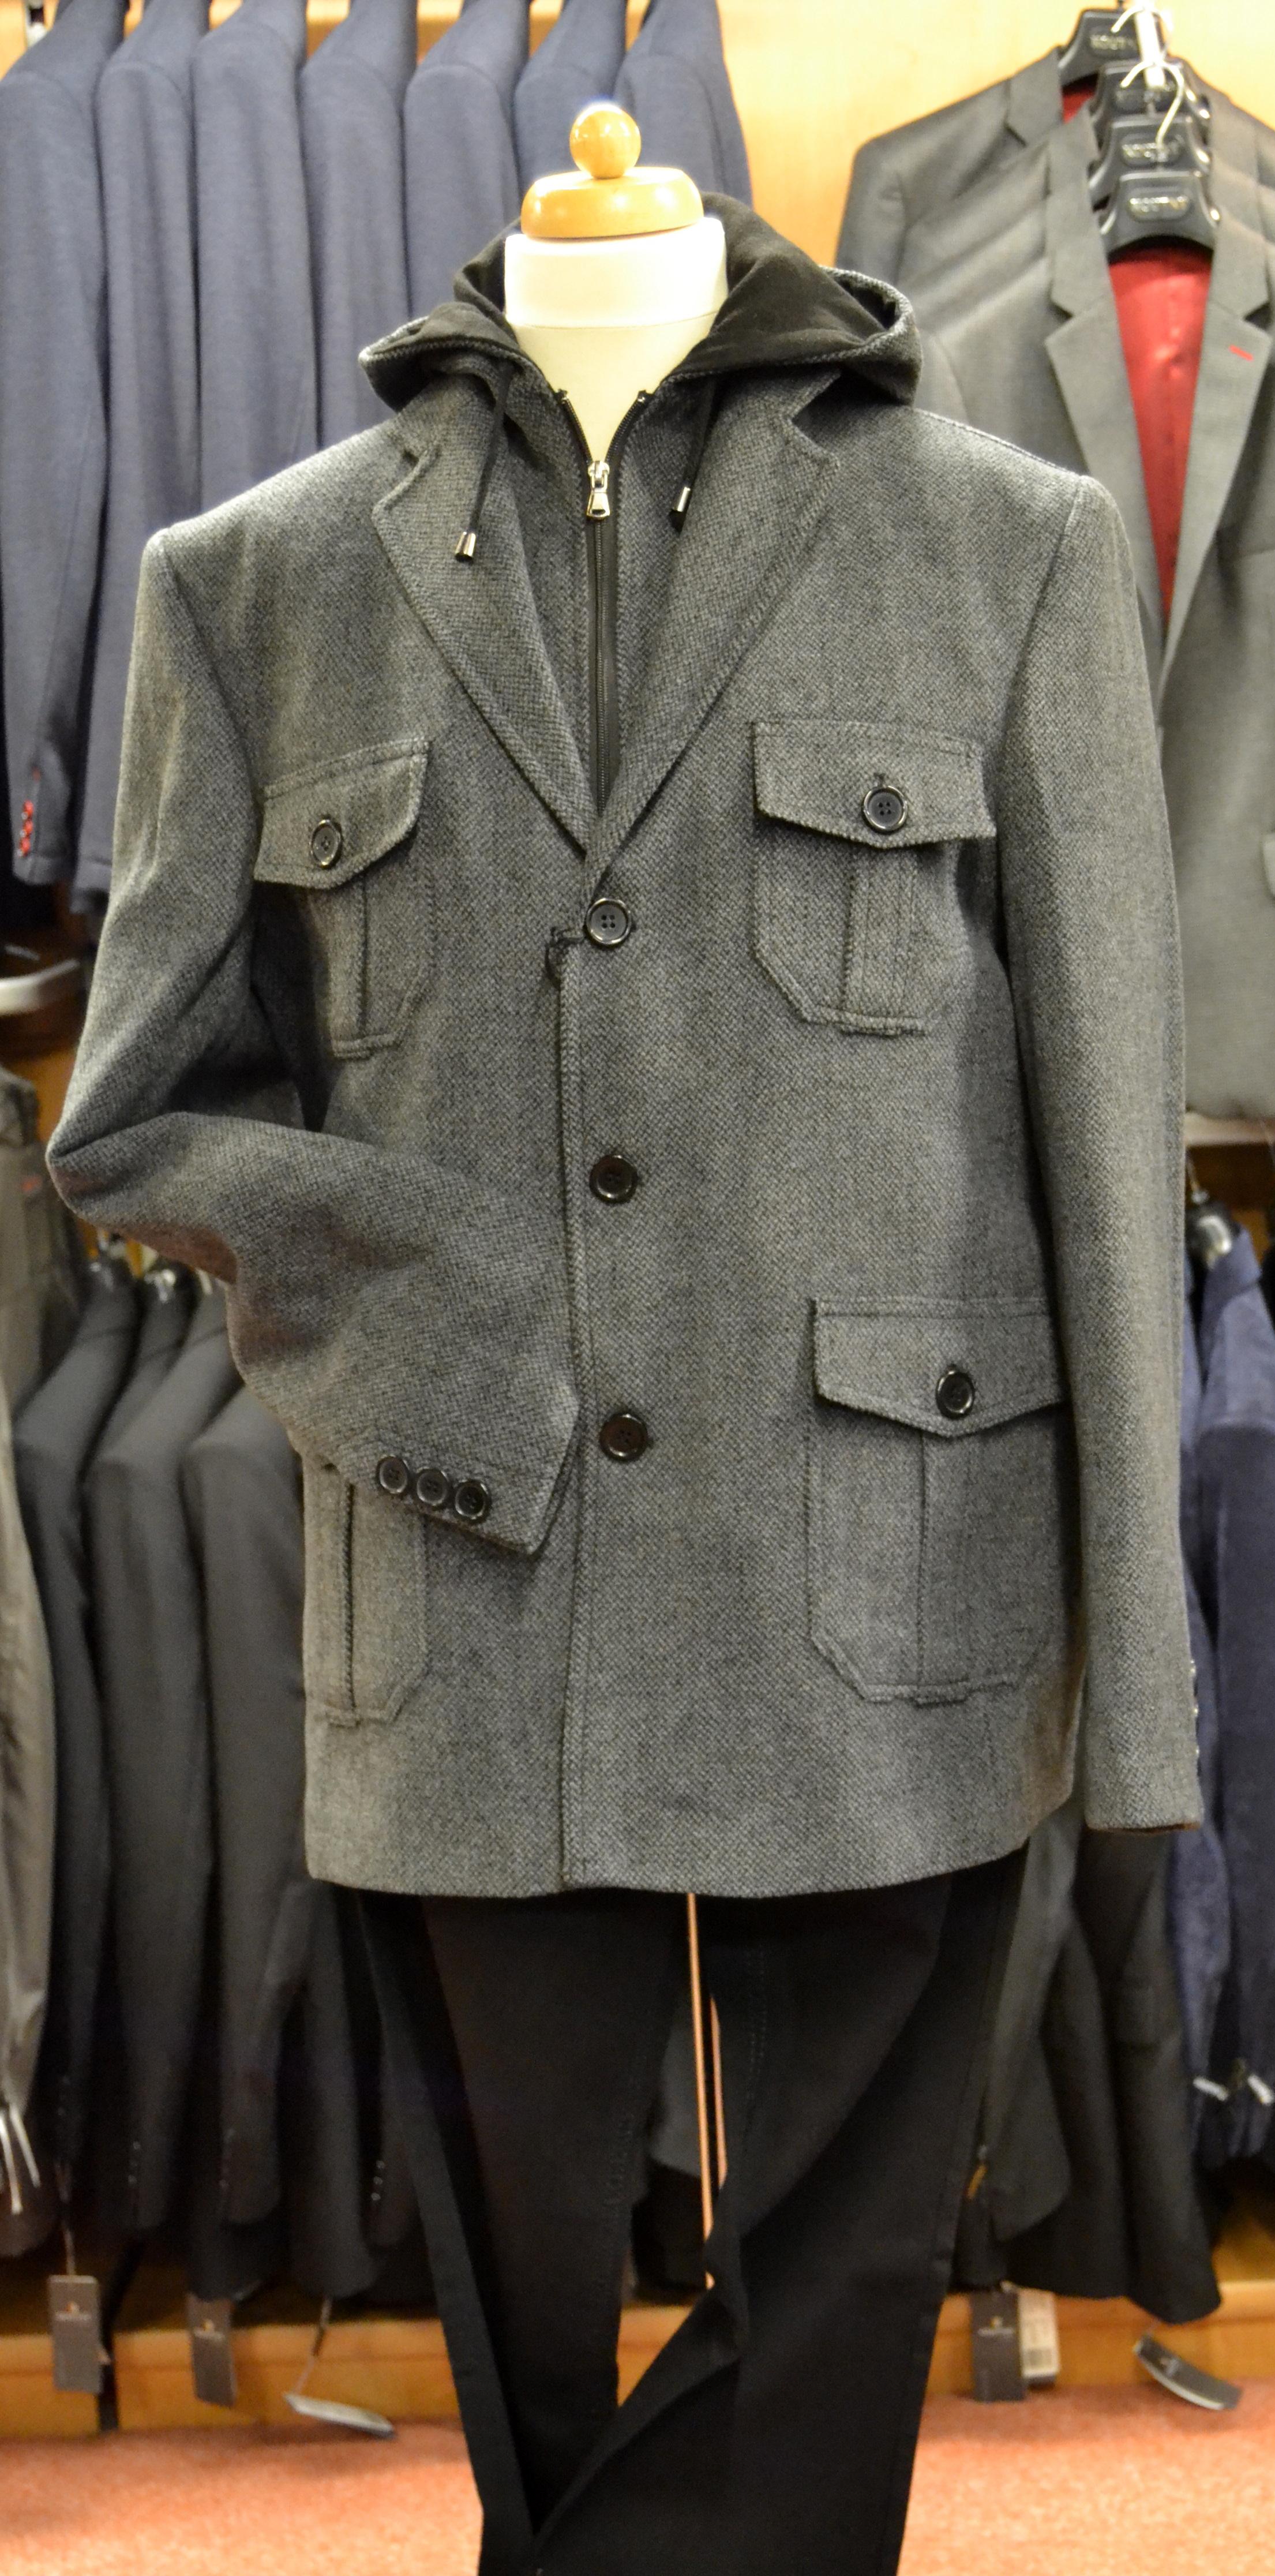 Zimní kabáty 2016 - Společenská konfekce Vsetín 2bdc73eb78